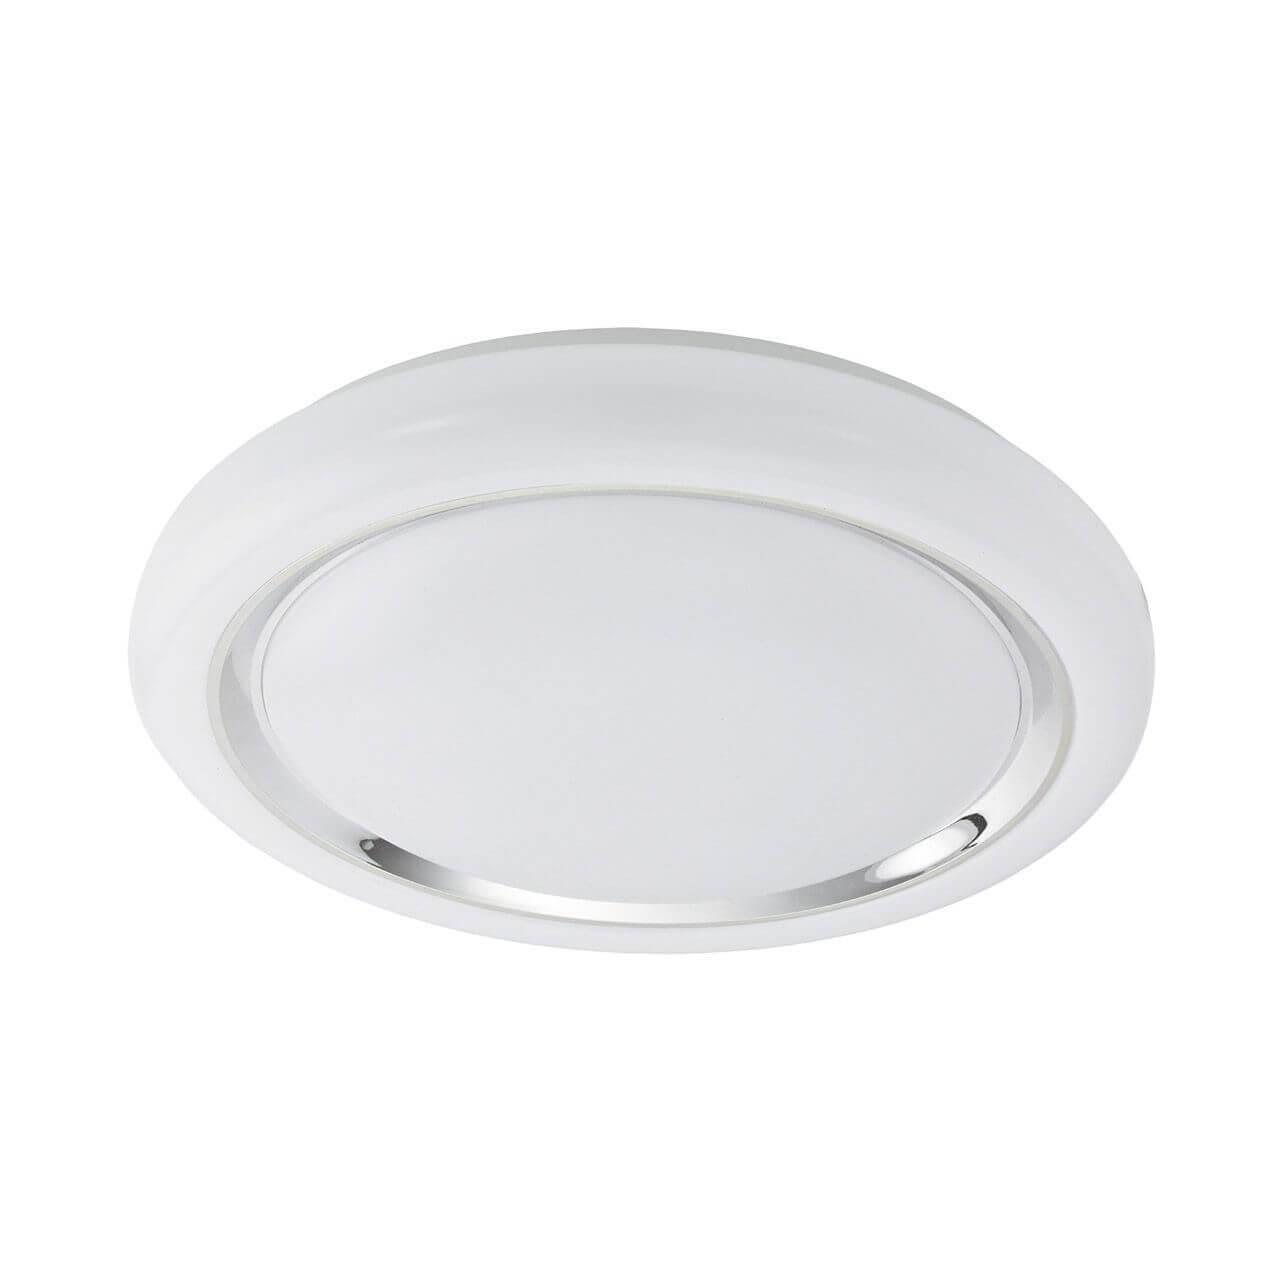 Потолочный светодиодный светильник Eglo Capasso 96024 все цены